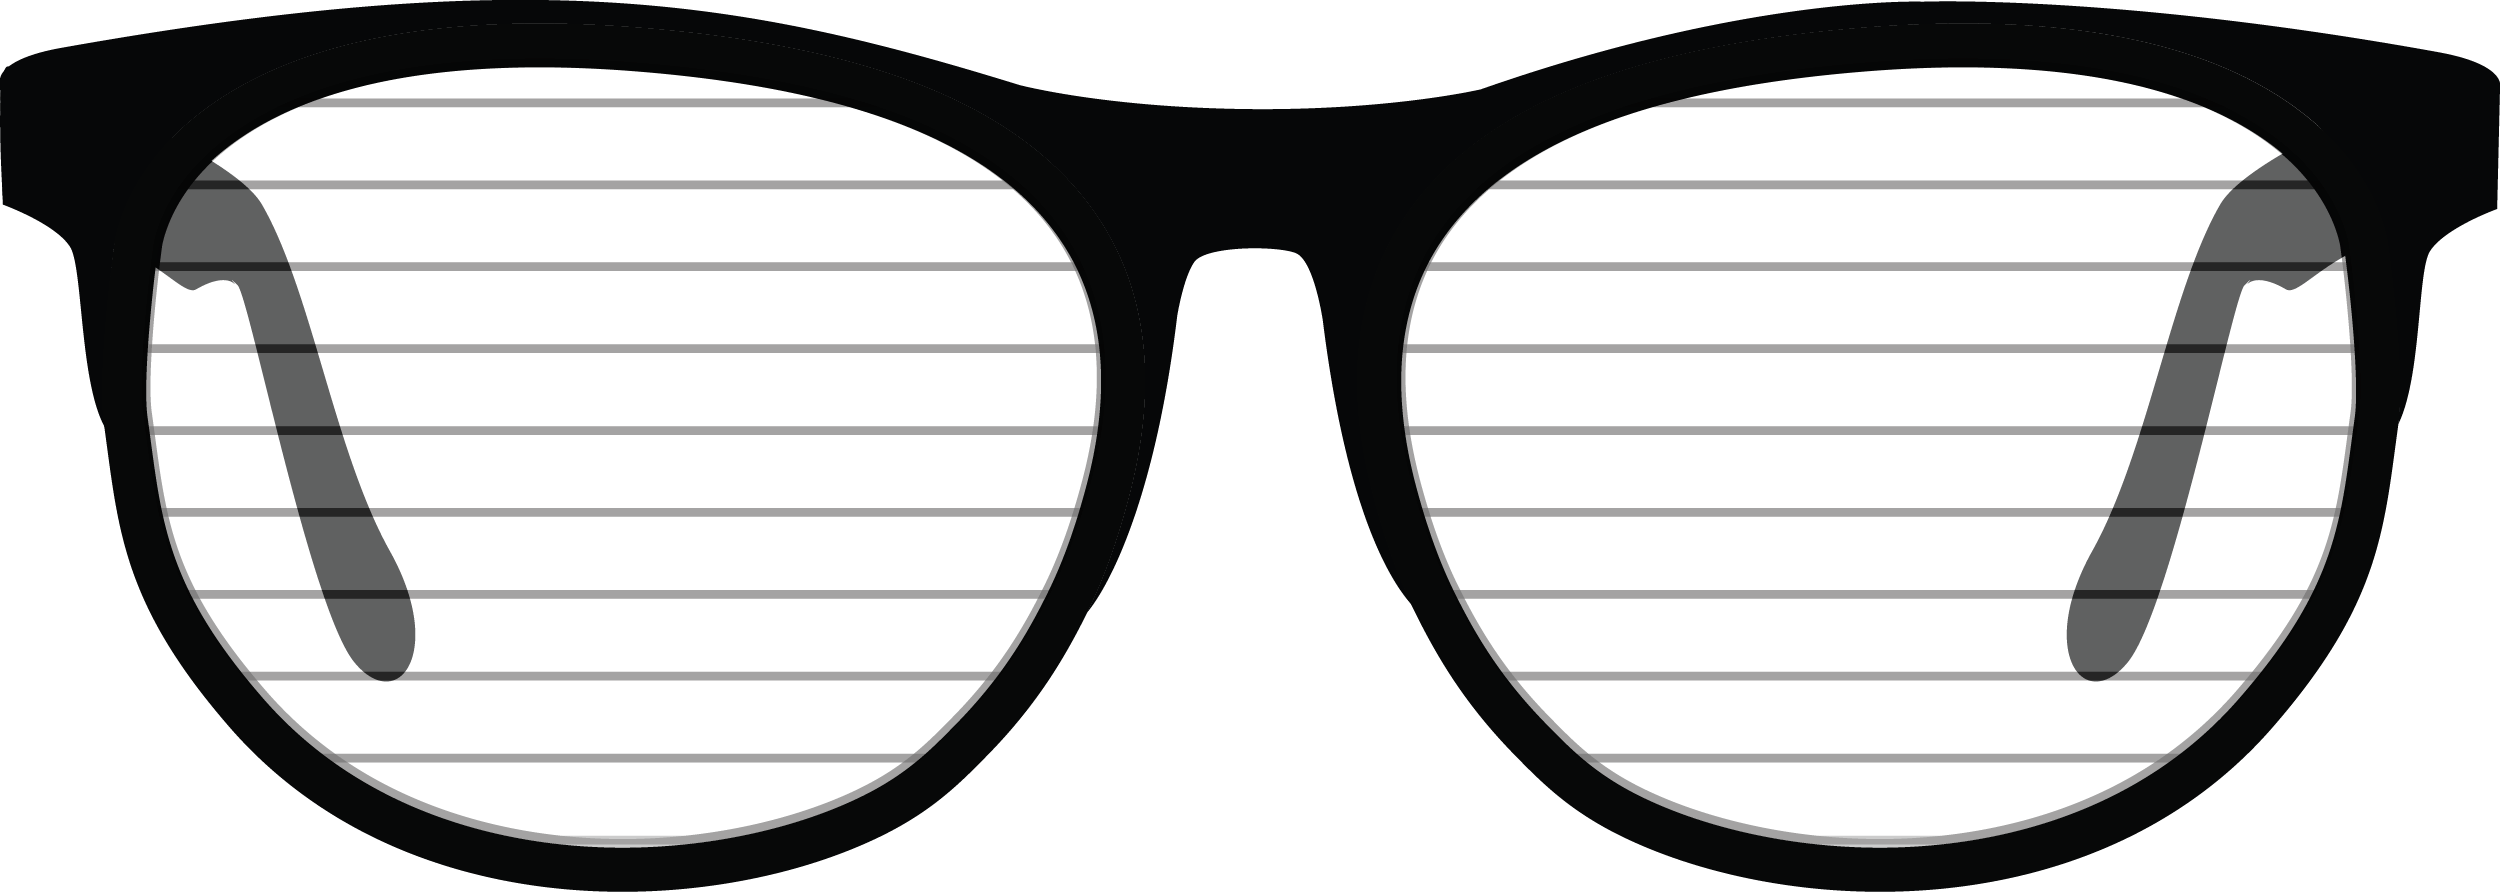 Shutter Glasses PNG